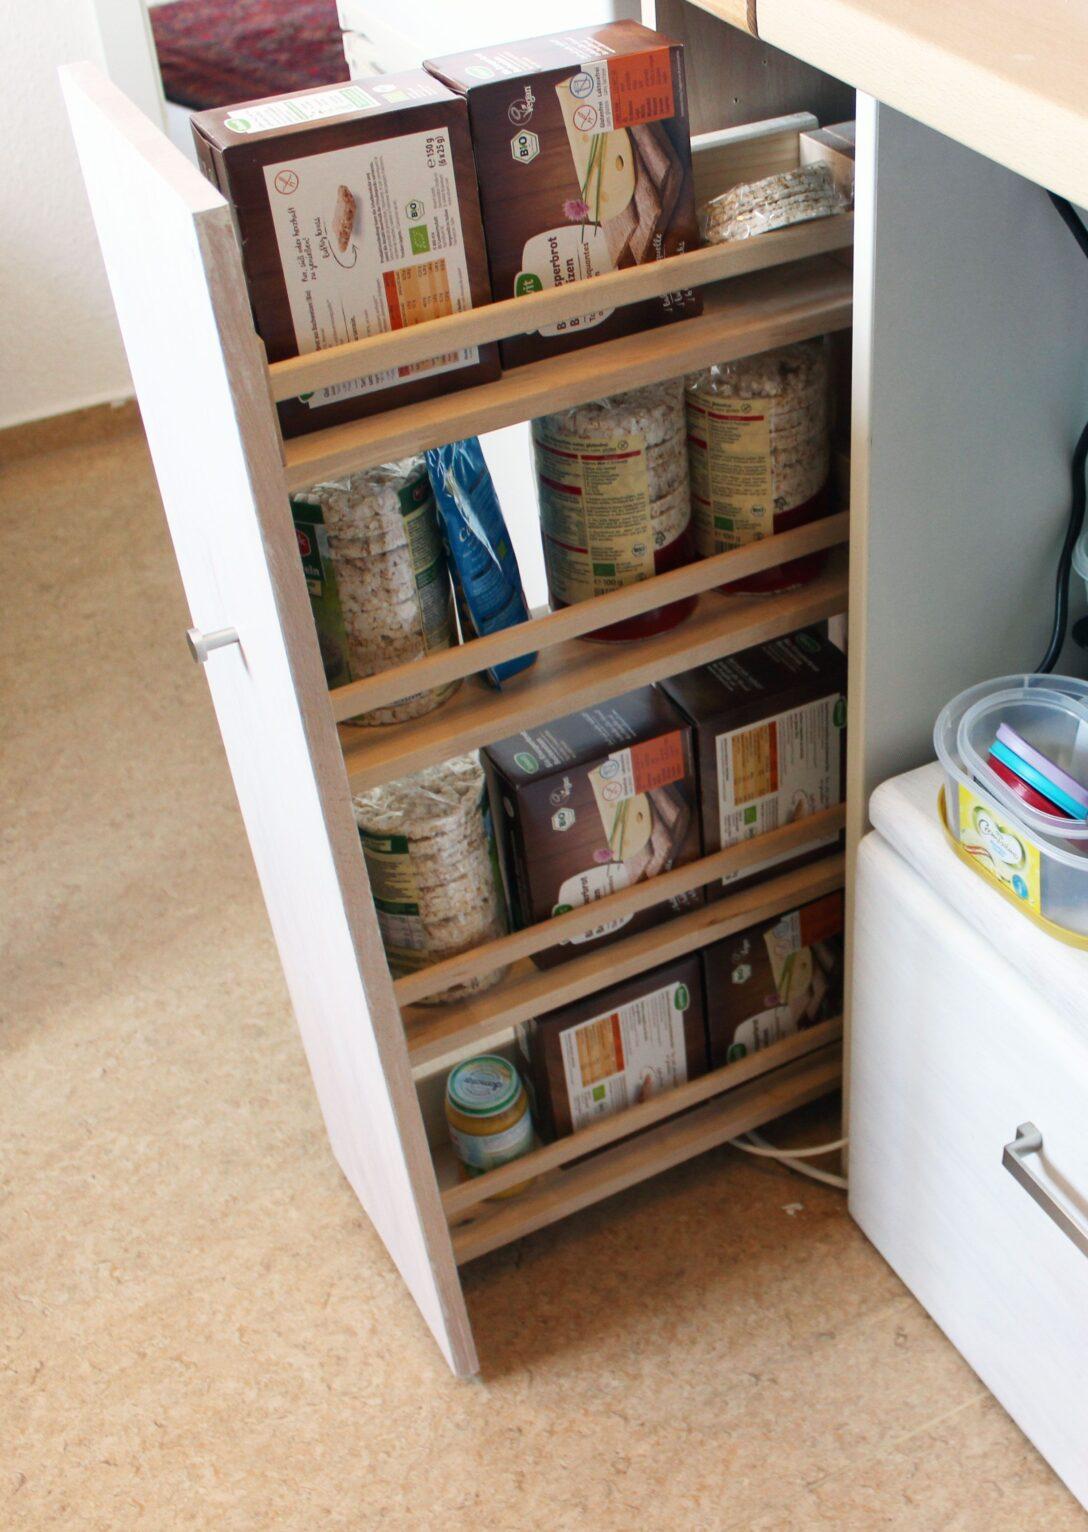 Large Size of Apothekerschrank Küche Ikea Nischenregal Mit Elektrogeräten Arbeitsplatten Landhausküche Beistelltisch Amerikanische Kaufen Bodenbeläge Abfalleimer Wohnzimmer Apothekerschrank Küche Ikea